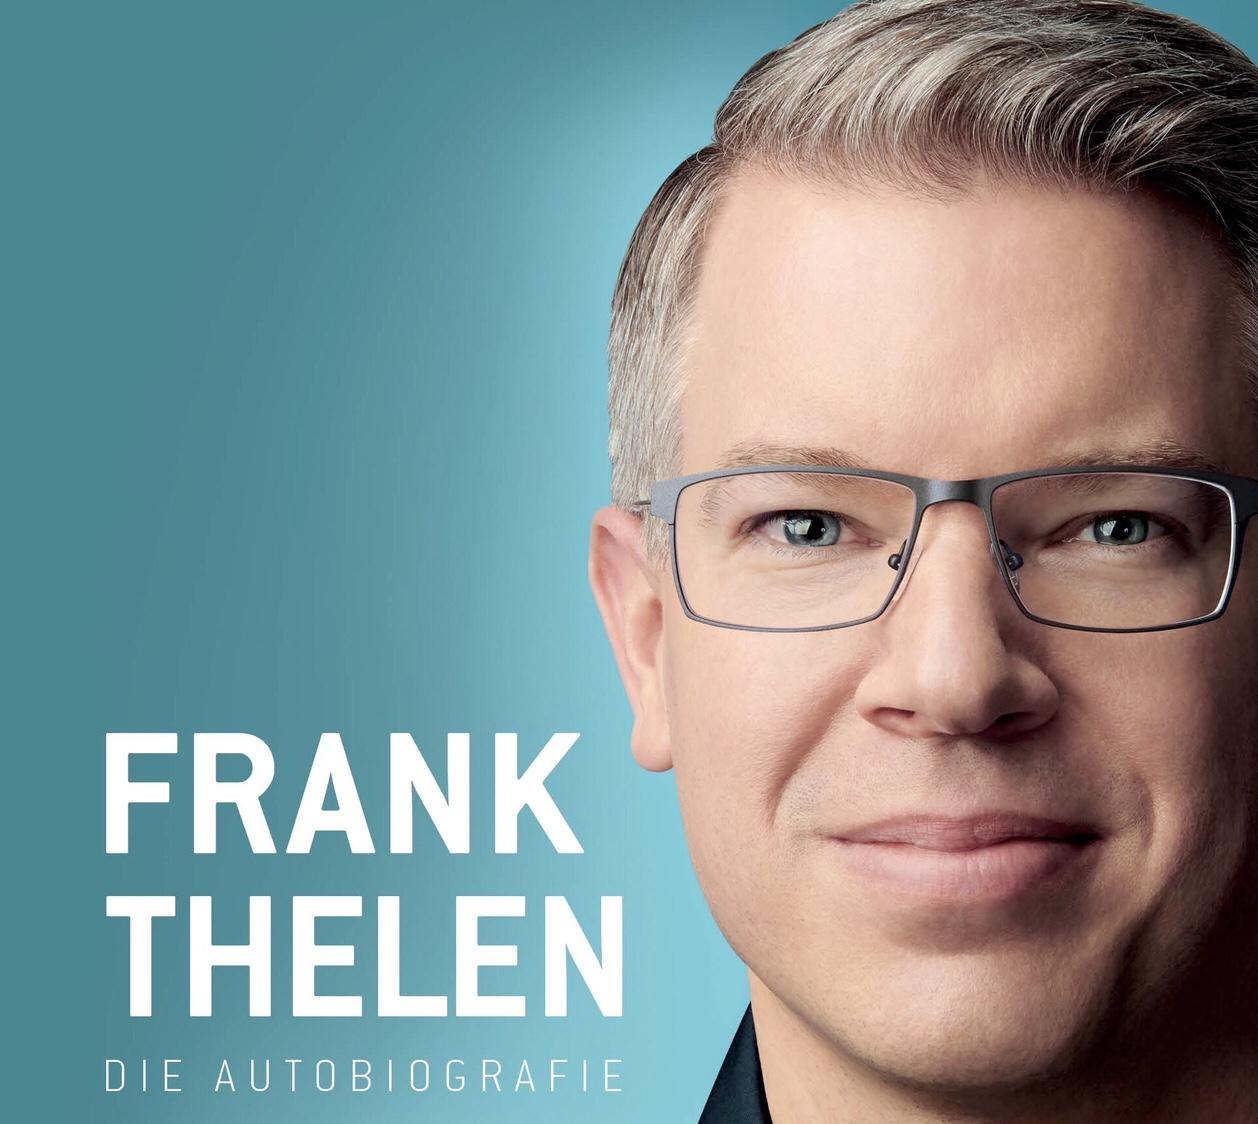 Frank Thelen: Die Autobiografie. Nah. Persönlich. Schonungslos ehrlich. Jetzt als Buch. Alle Medientermine und Lesungen hier.